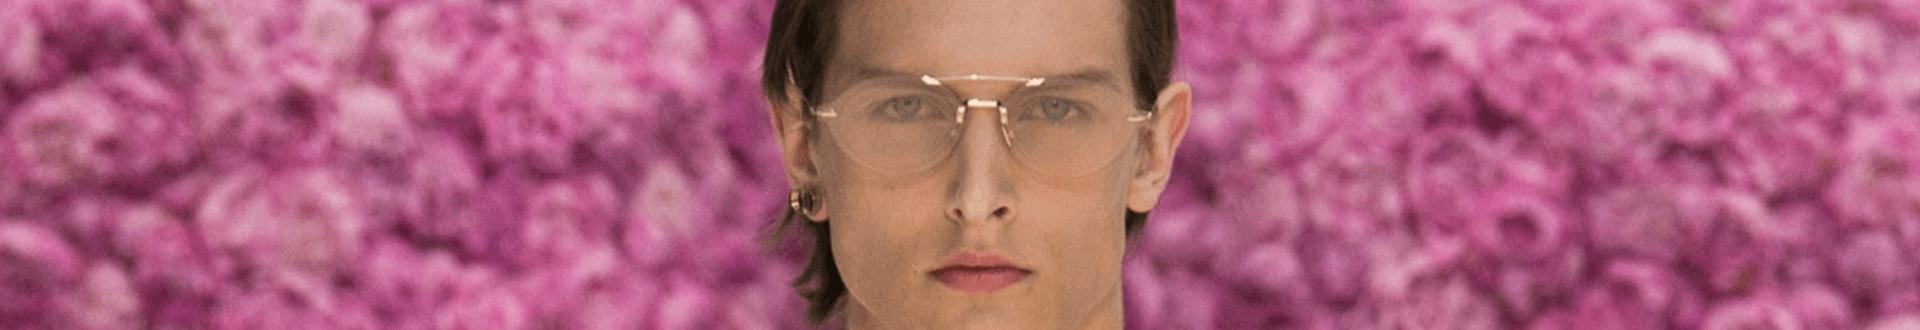 Homem loiro em fundo rosa, usando Dior Homme óculos metálico no formato aviador e na cor dourada